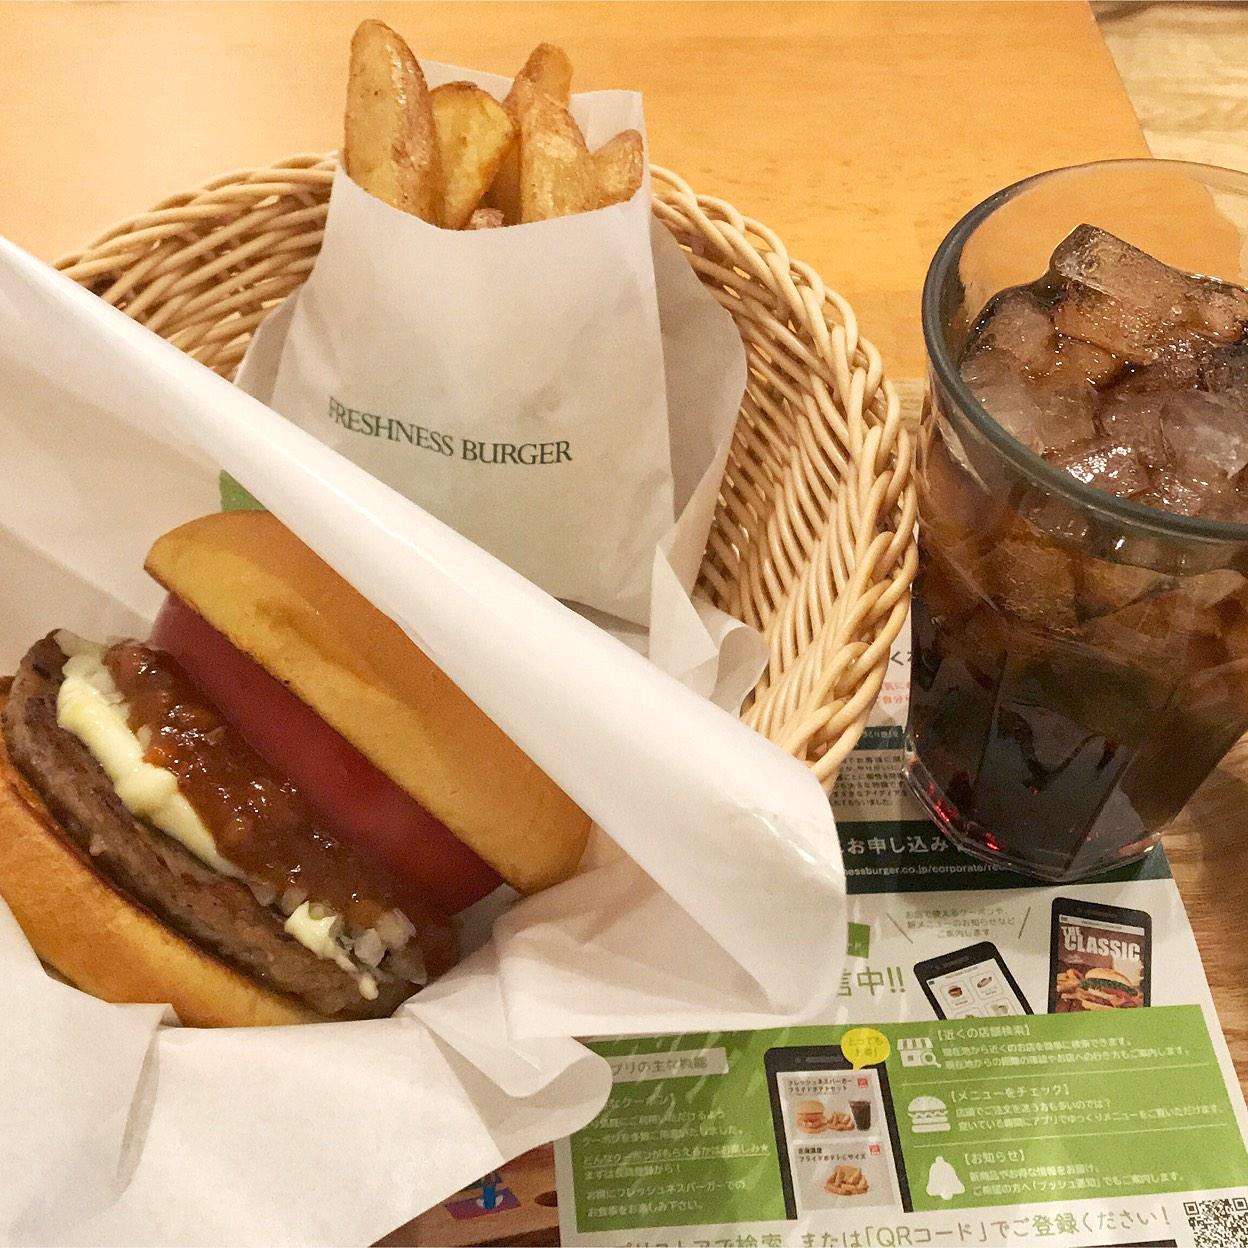 の フレッシュネス バーガー 近く 和歌山城近くに「ジョンマーブルズバーガー」 「和歌山にグルメバーガー文化を」